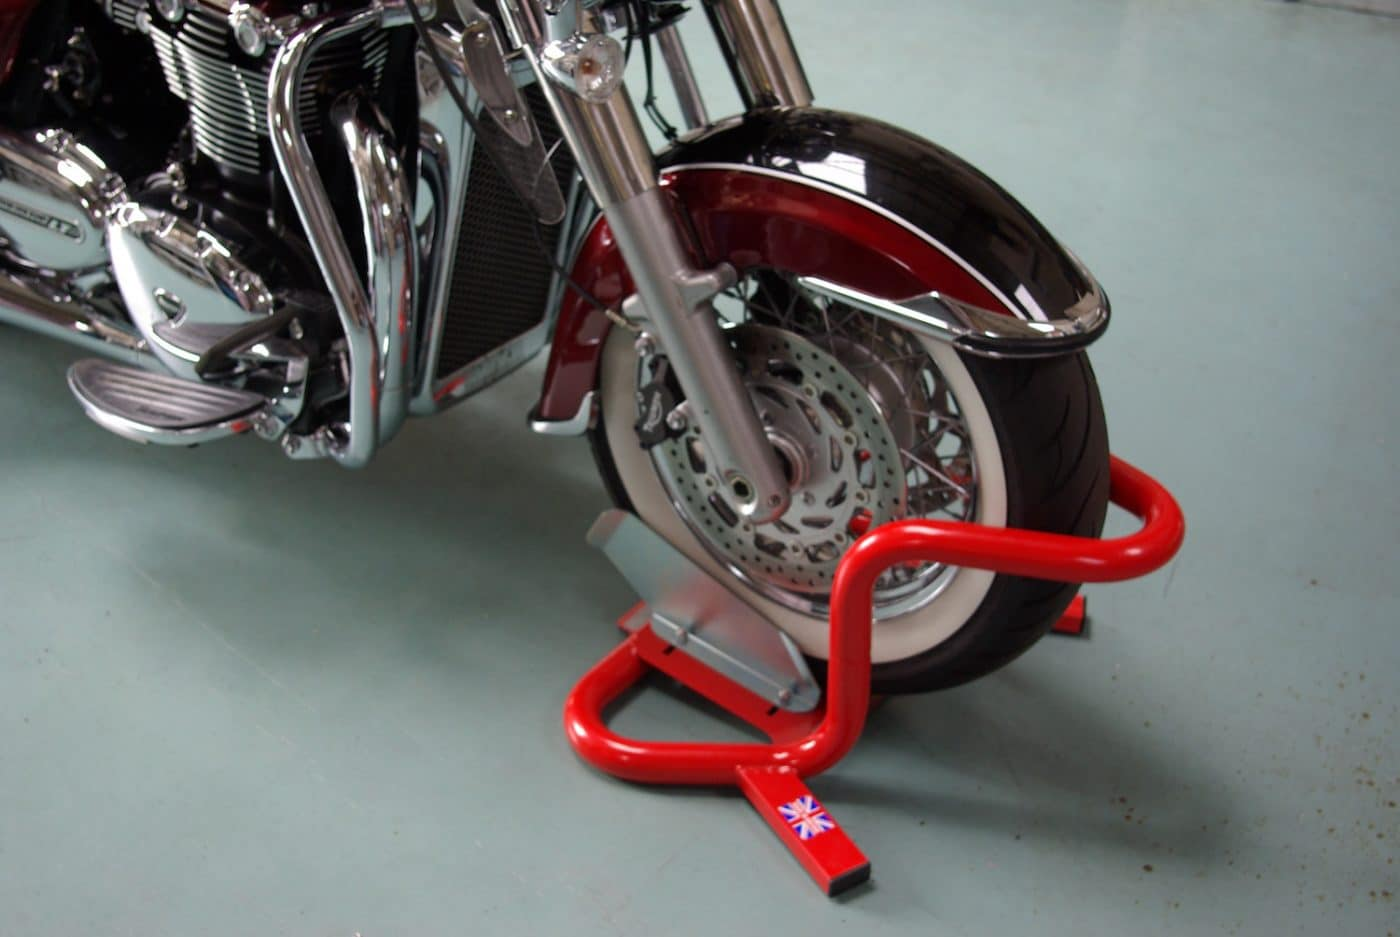 Bikegrab Wheel Chock On Bike Motorcycle Lifts Harley